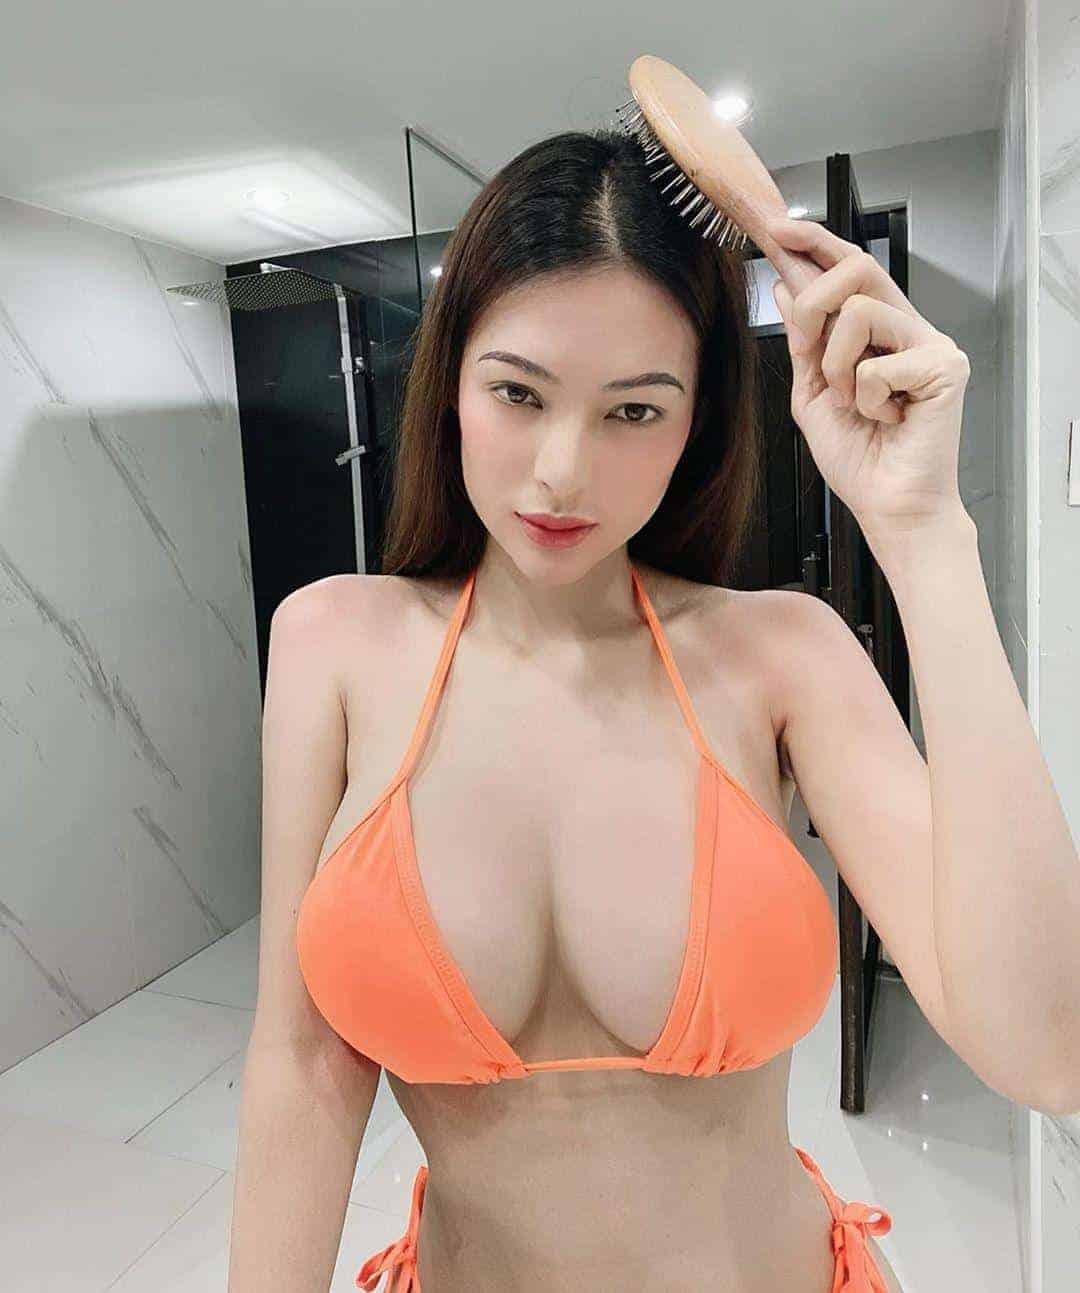 filipino_escorts_in_dubai_971589798305-1605139145-500-e